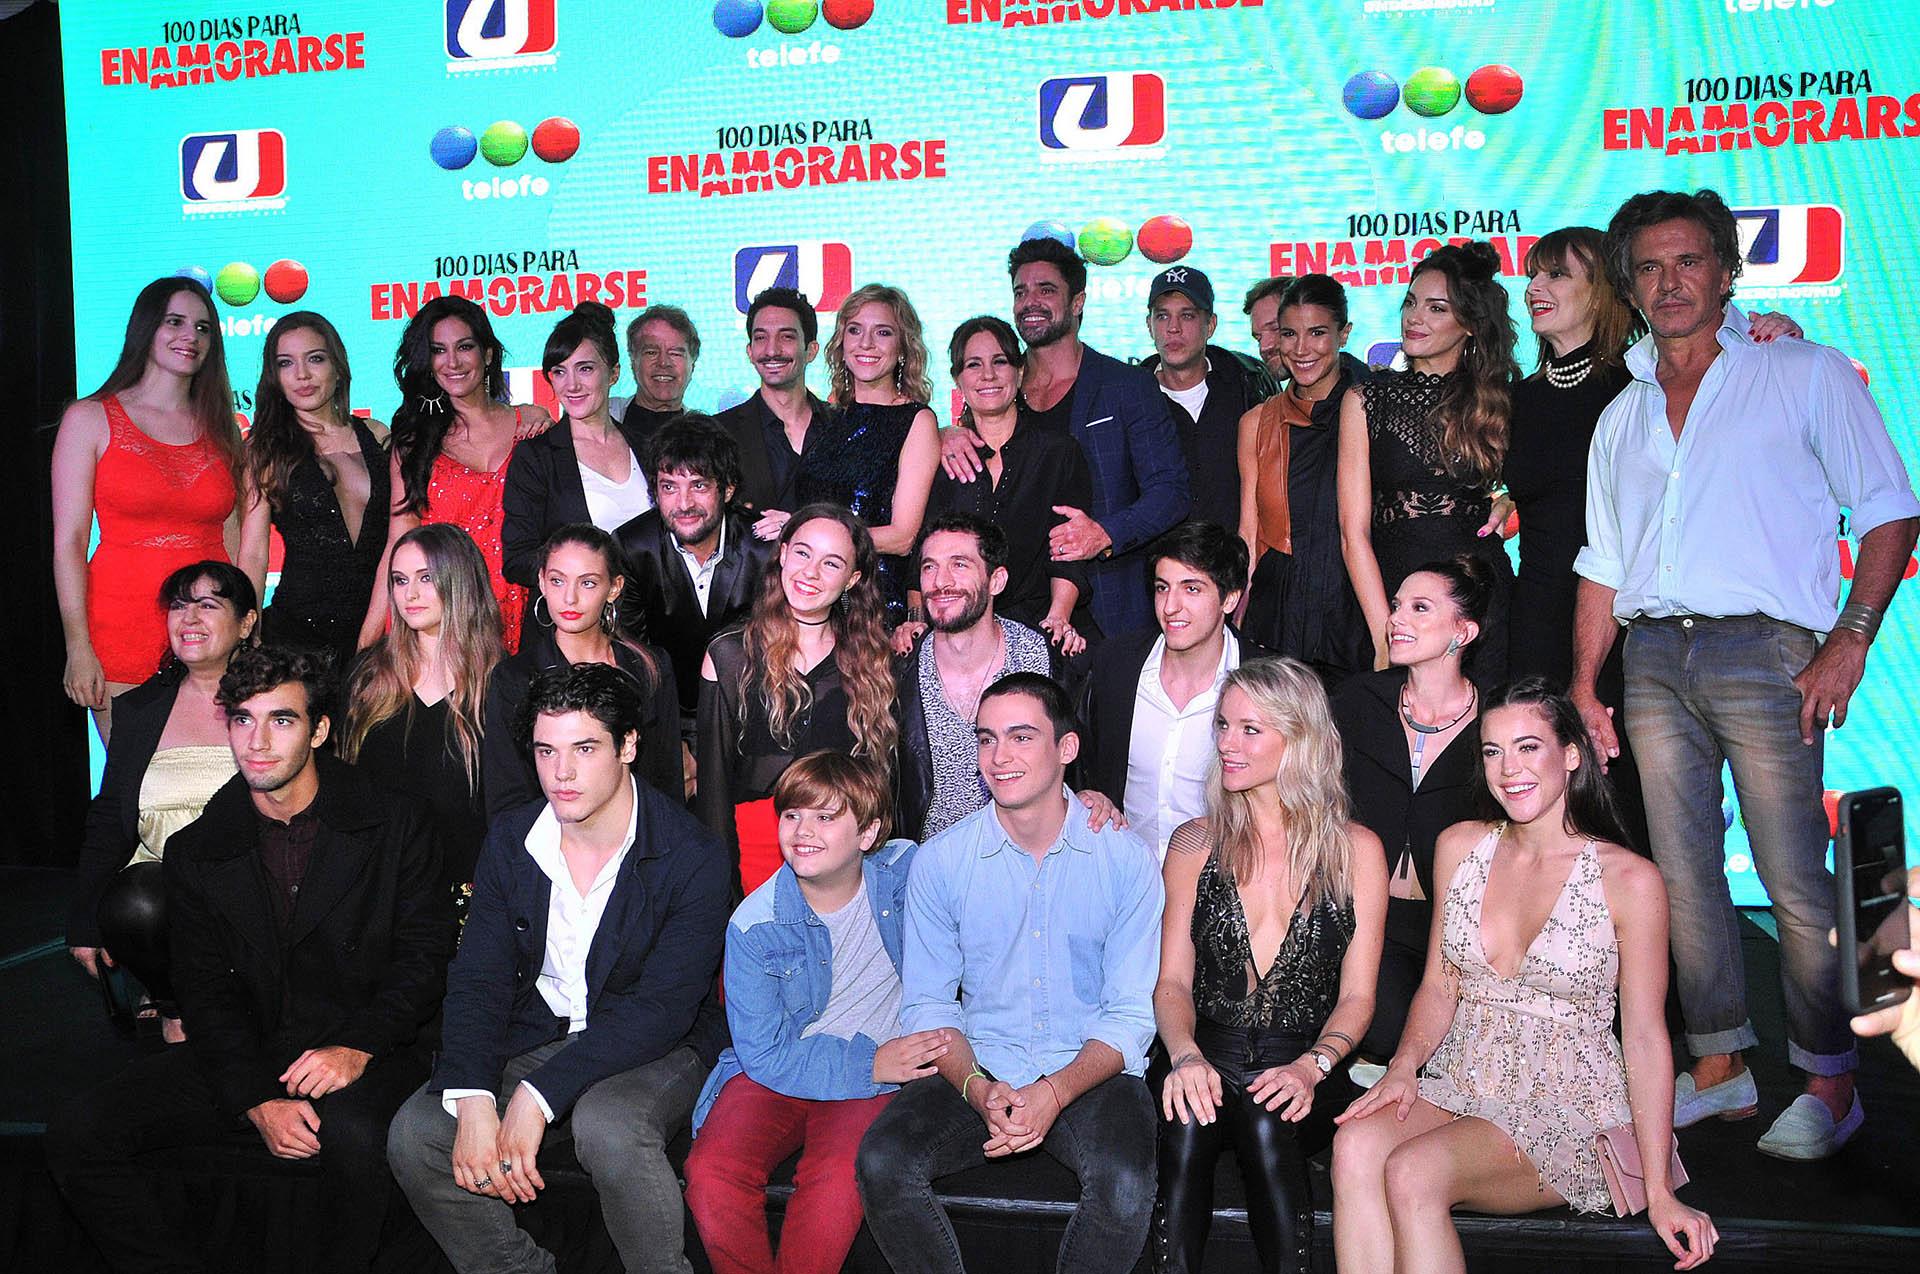 El elenco de la nueva comedia romántica de Underground para Telefe (Verónica Guerman / Teleshow)